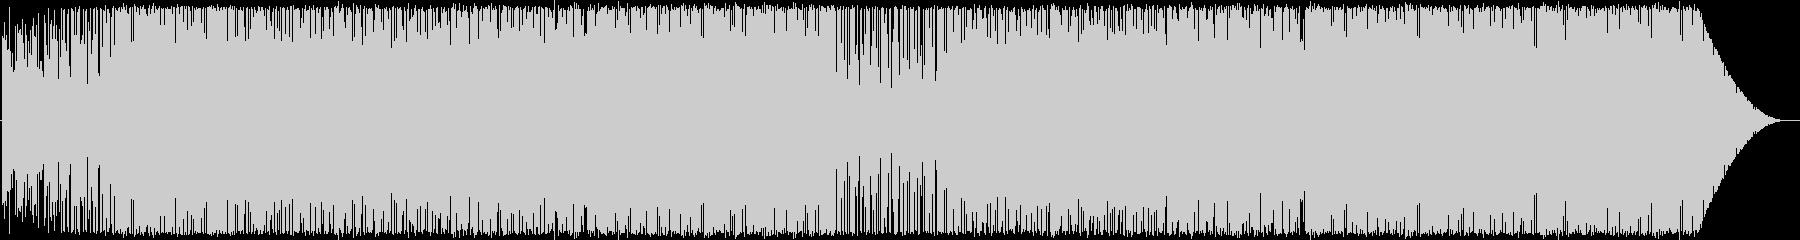 ラテン/ハウス系インスト曲ですの未再生の波形